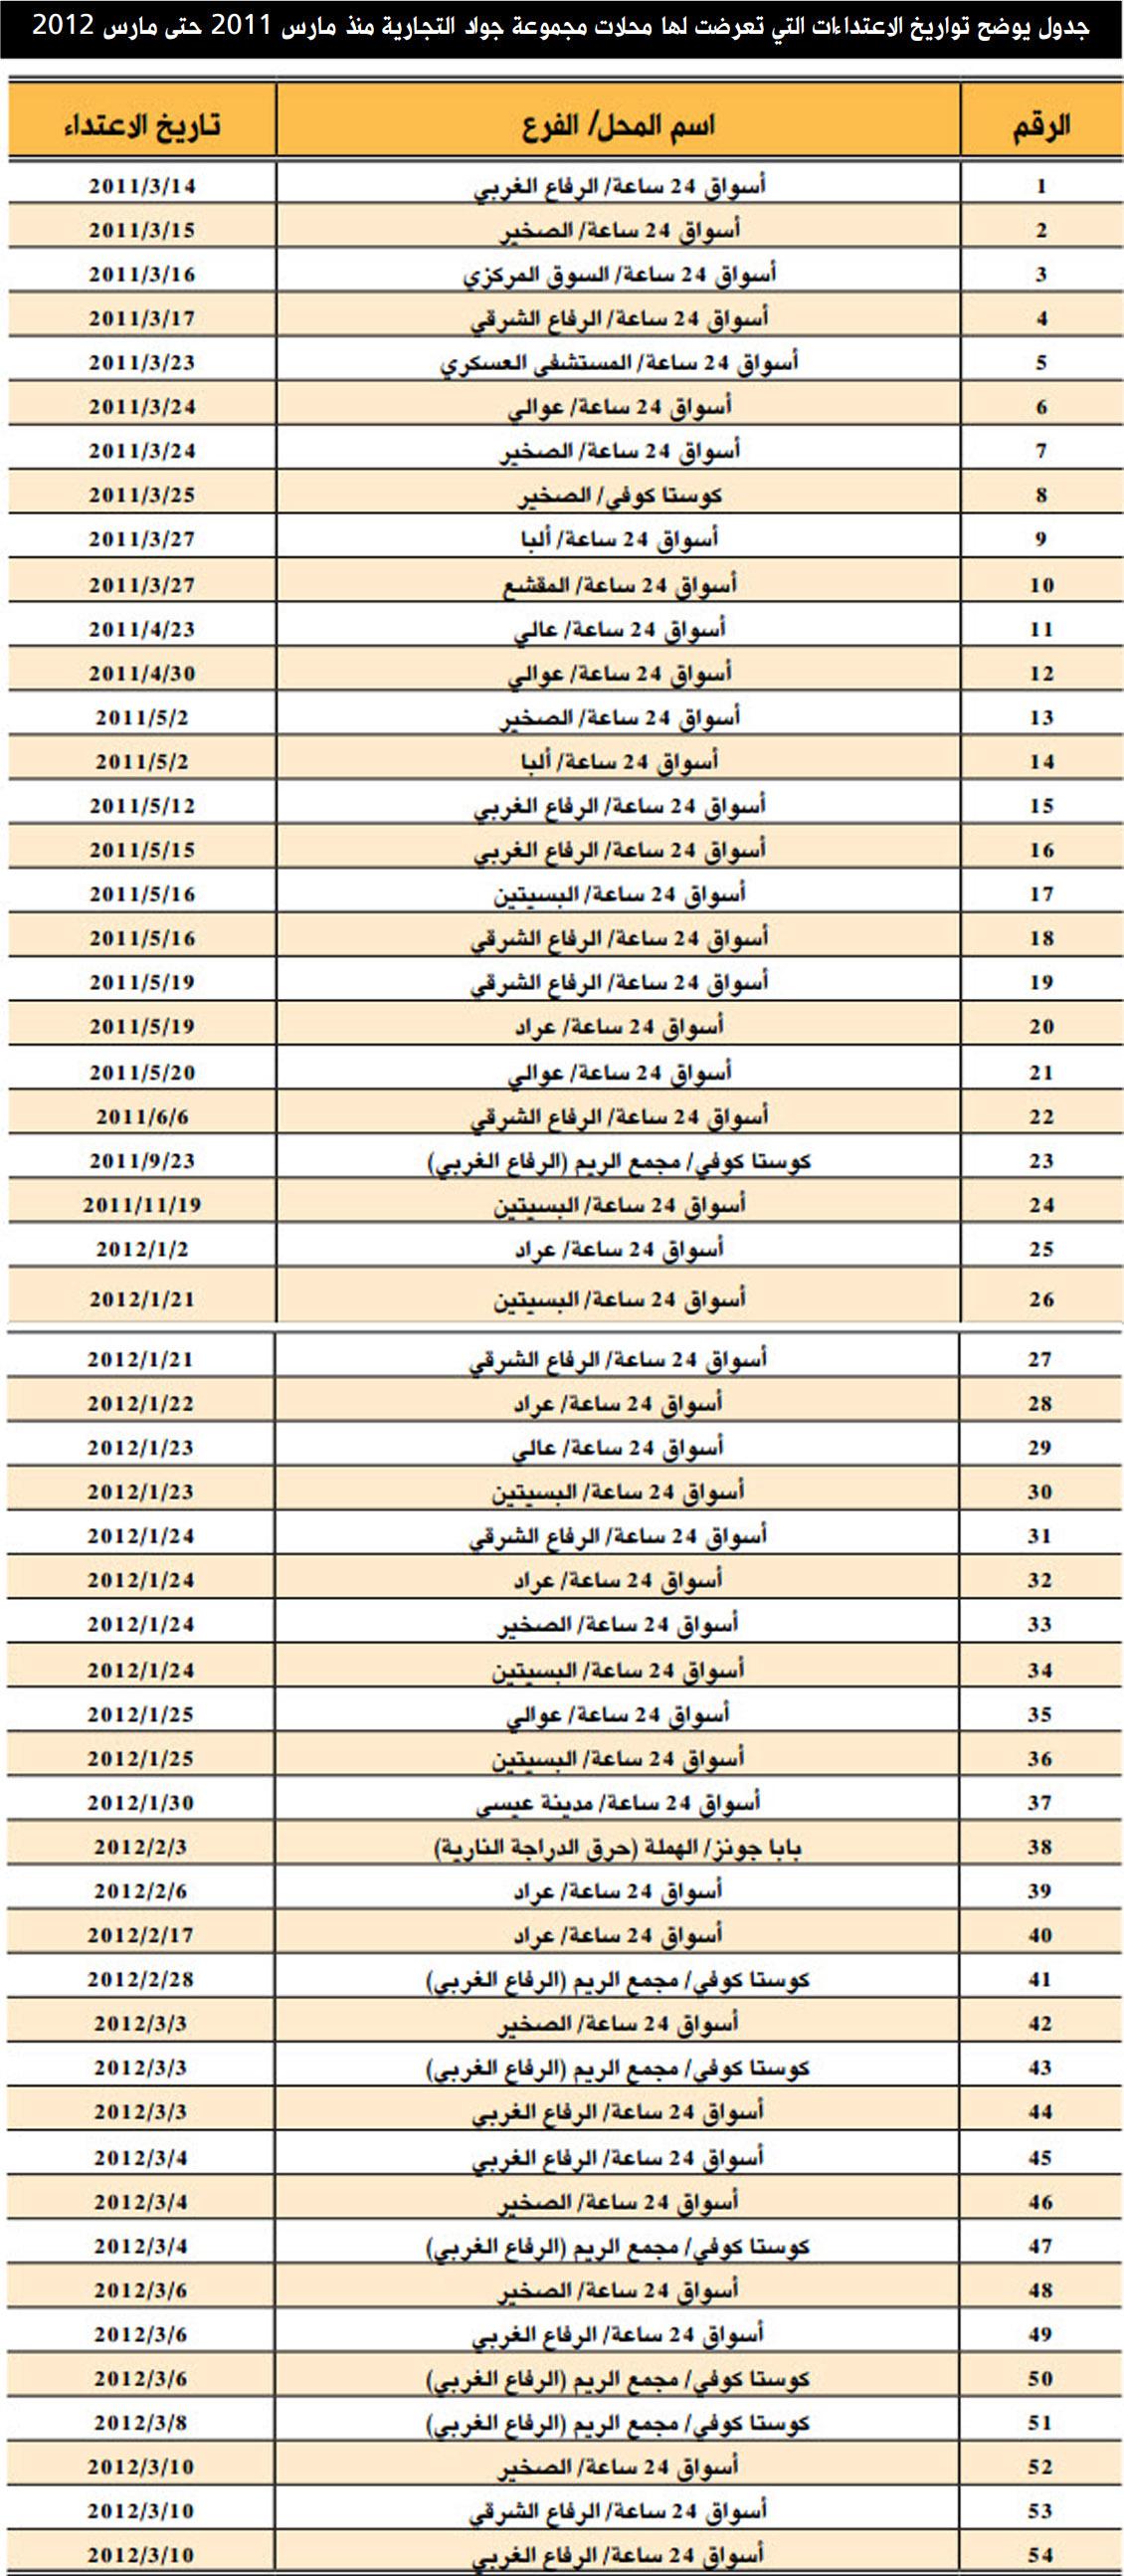 اسماء محلات أسماء تجارية رنانة